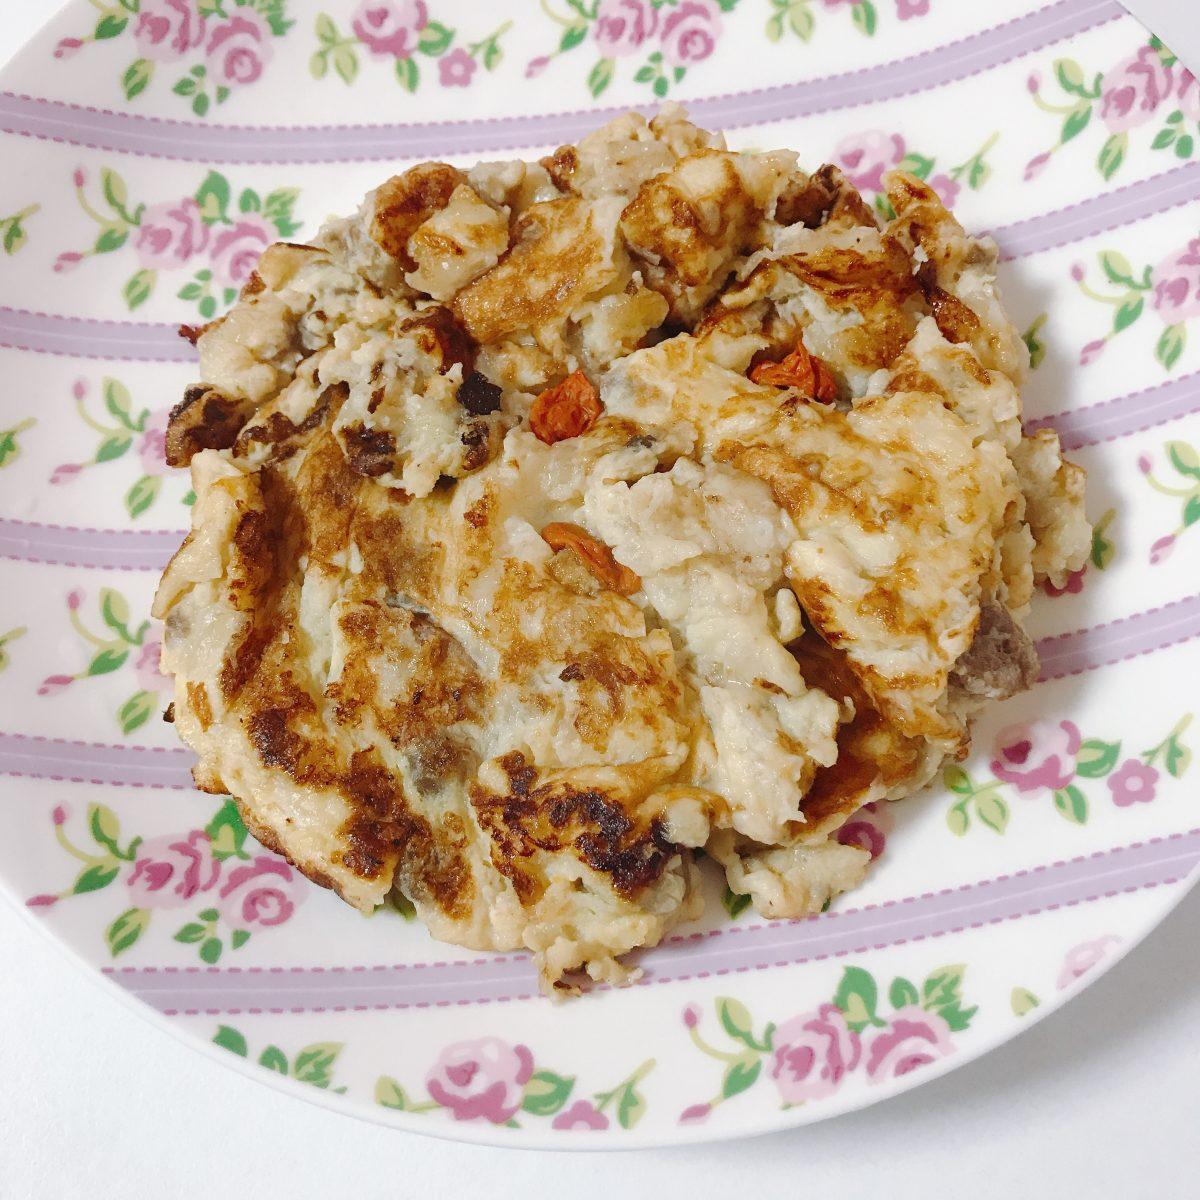 美漢茶リメイクレシピパンケーキ